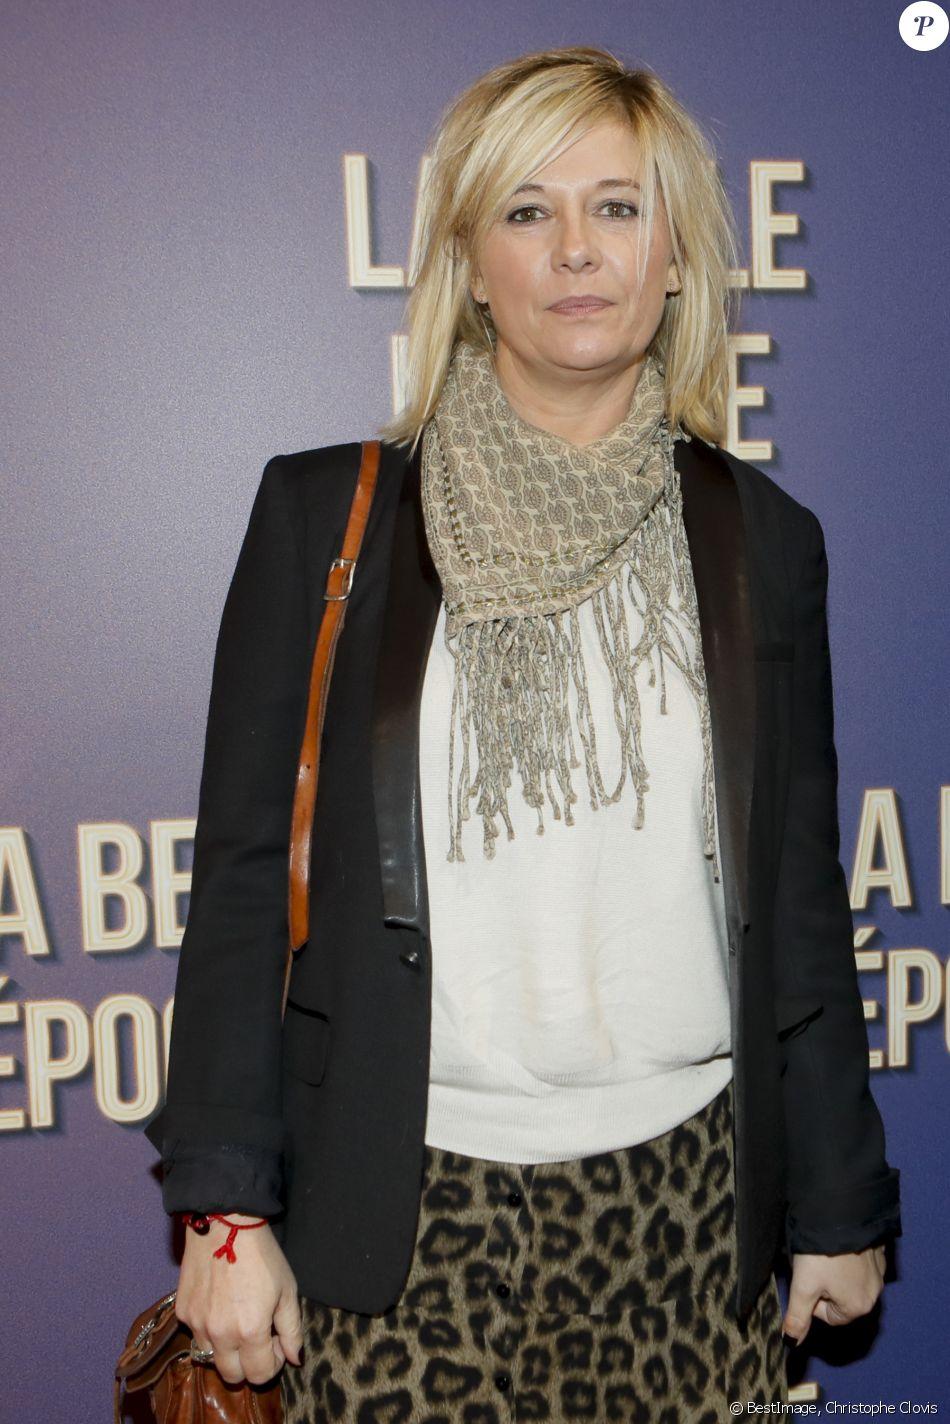 """Flavie Flament - Avant-première du film """"La belle époque"""" au Gaumont Capucines à Paris, le 17 octobre 2019. © Christophe Clovis / Bestimage"""